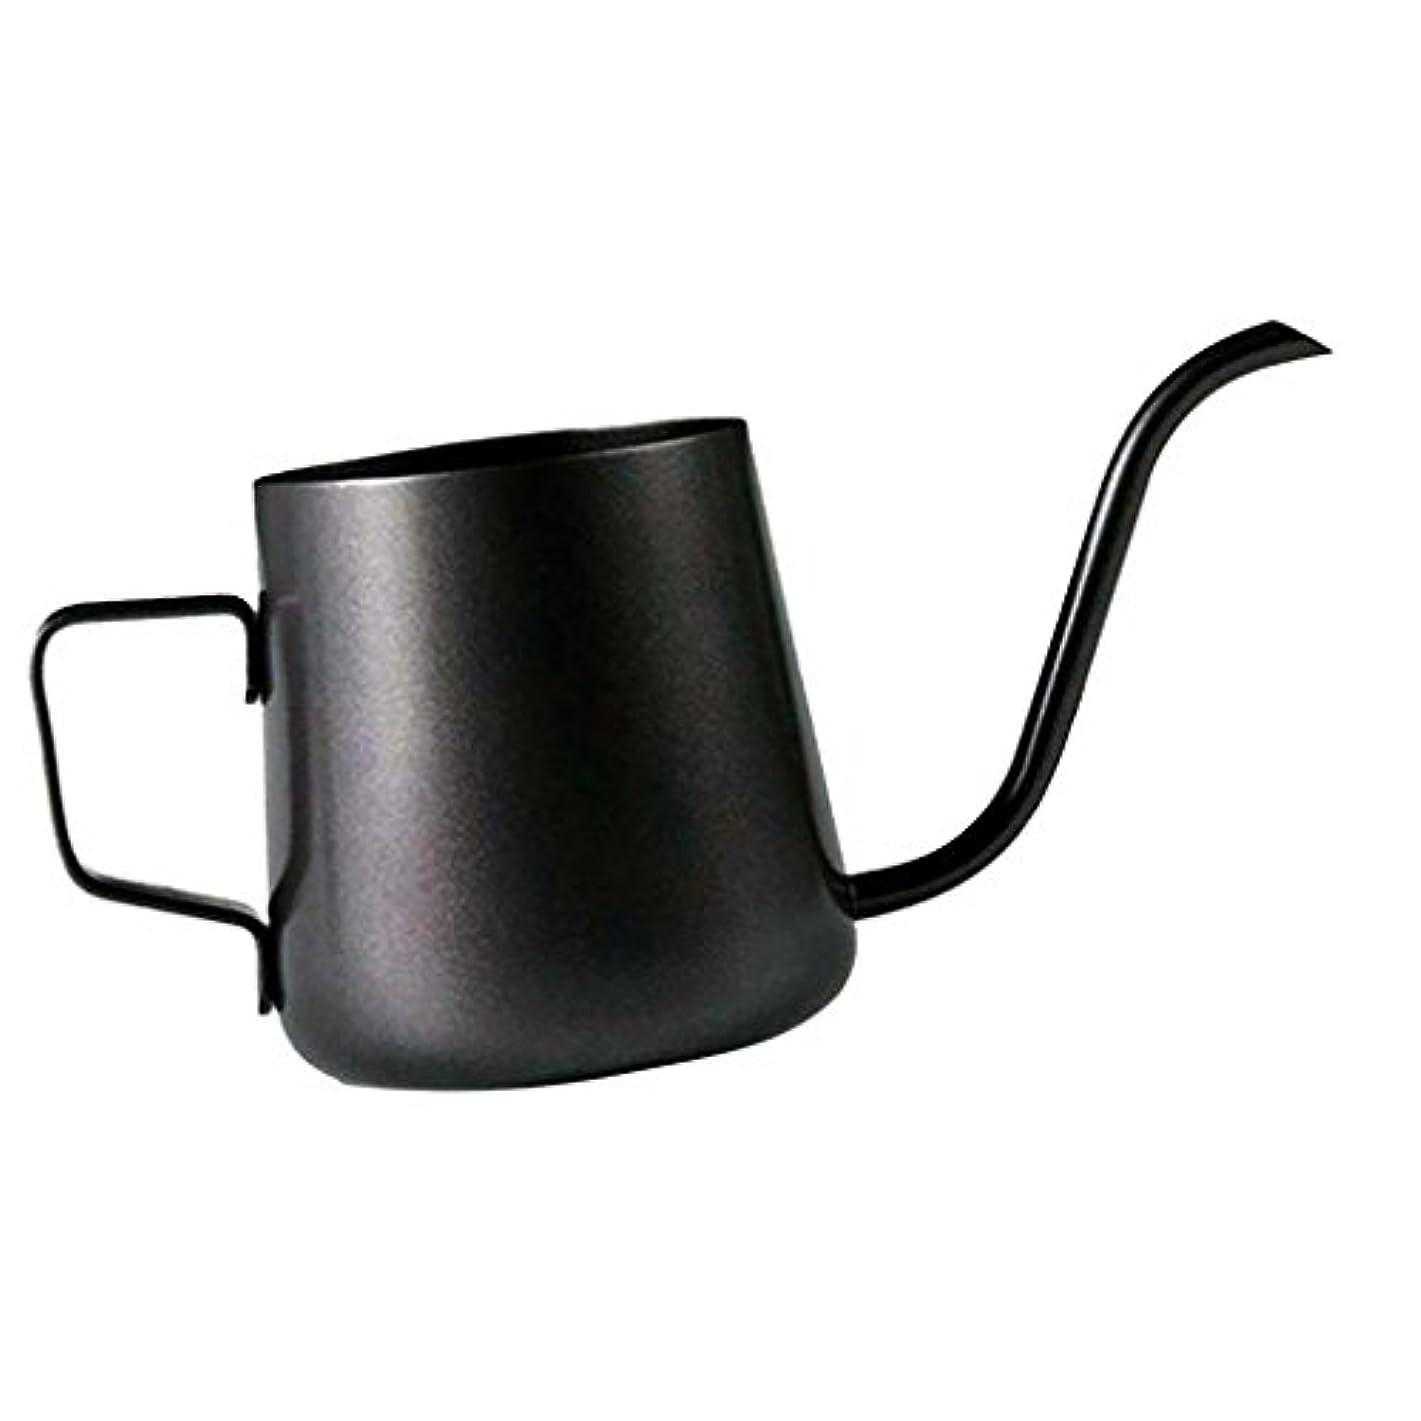 Homeland コーヒーポット お茶などにも対応 クッキング用品 ステンレス製 エスプレッソポット ケトル - ブラック, 250ミリリットル